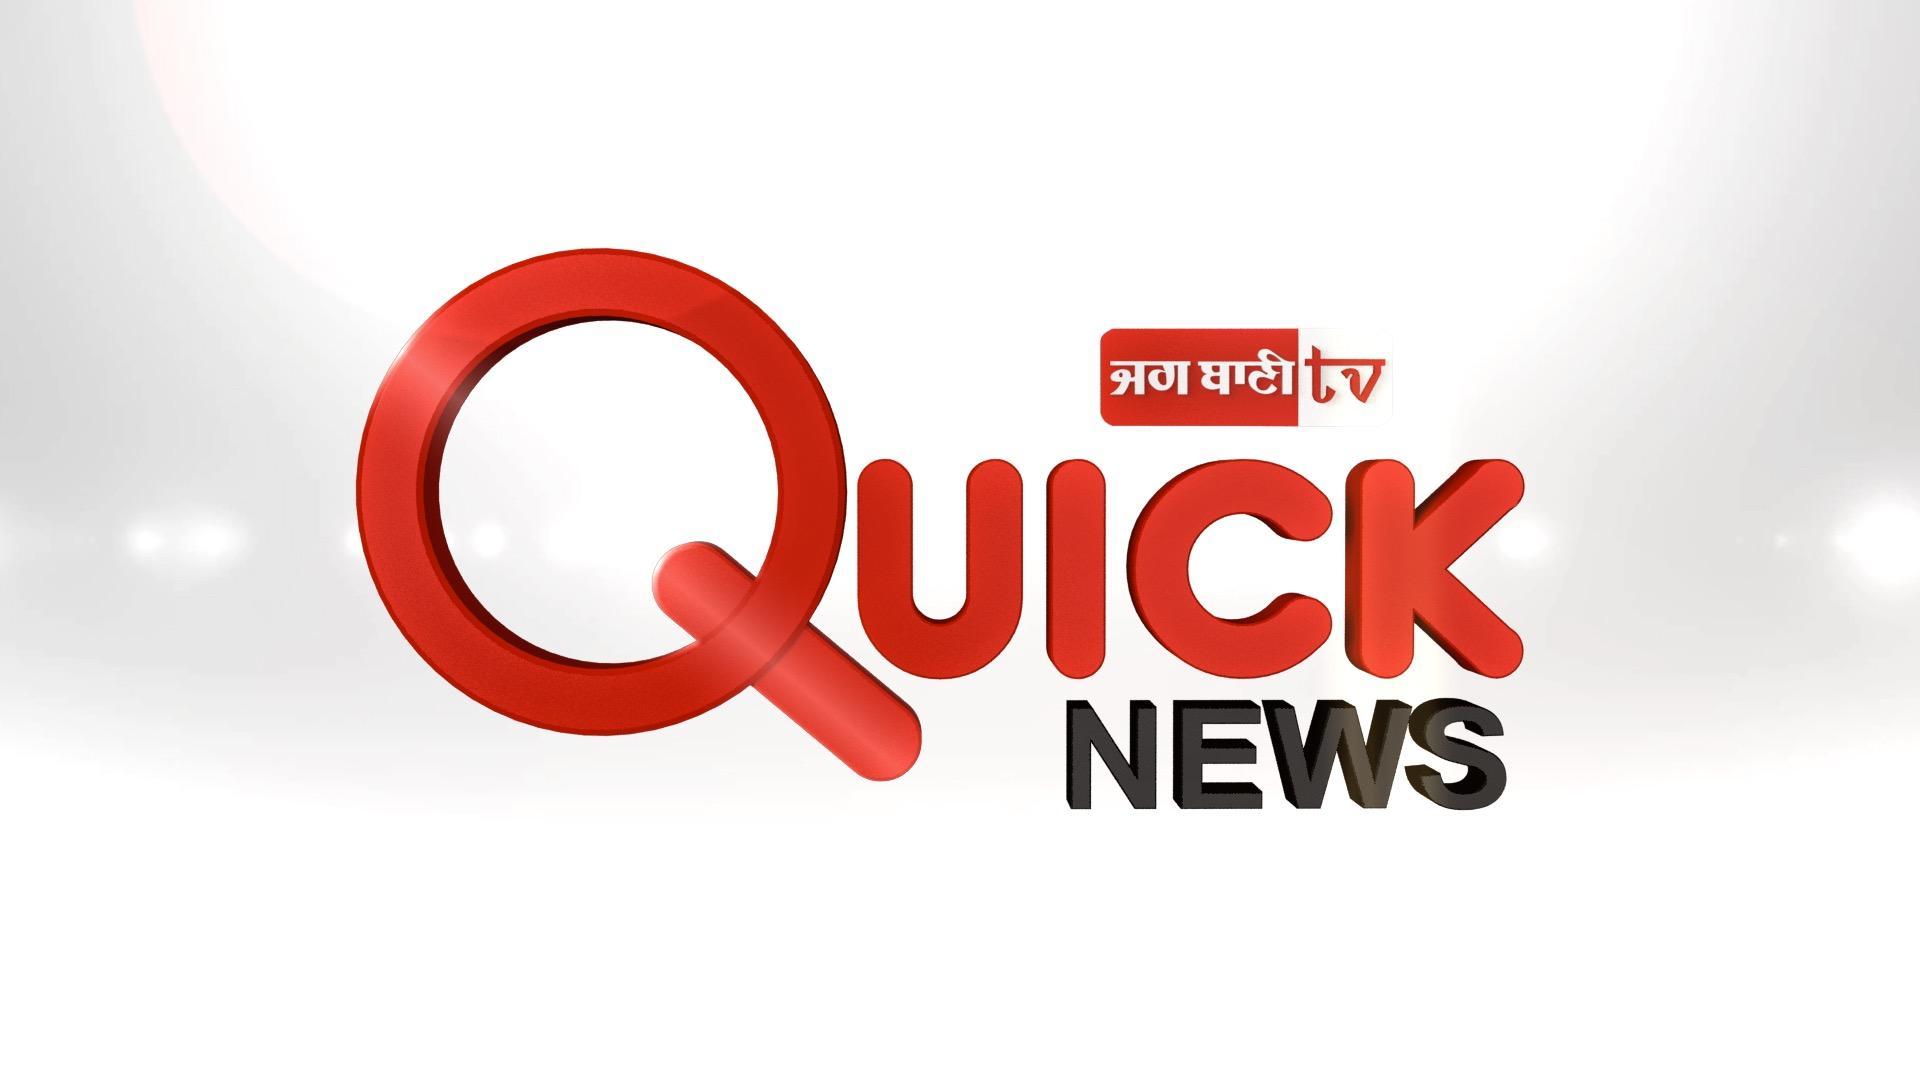 Image of Watch 'Quick' News :  ਇਨਕਮ ਟੈਕਸ ਵਿਭਾਗ ਨੇ ਕੈਪਟਨ ਖਿਲਾਫ ਦਰਜ ਕੀਤੀ ਸ਼ਿਕਾਇਤ